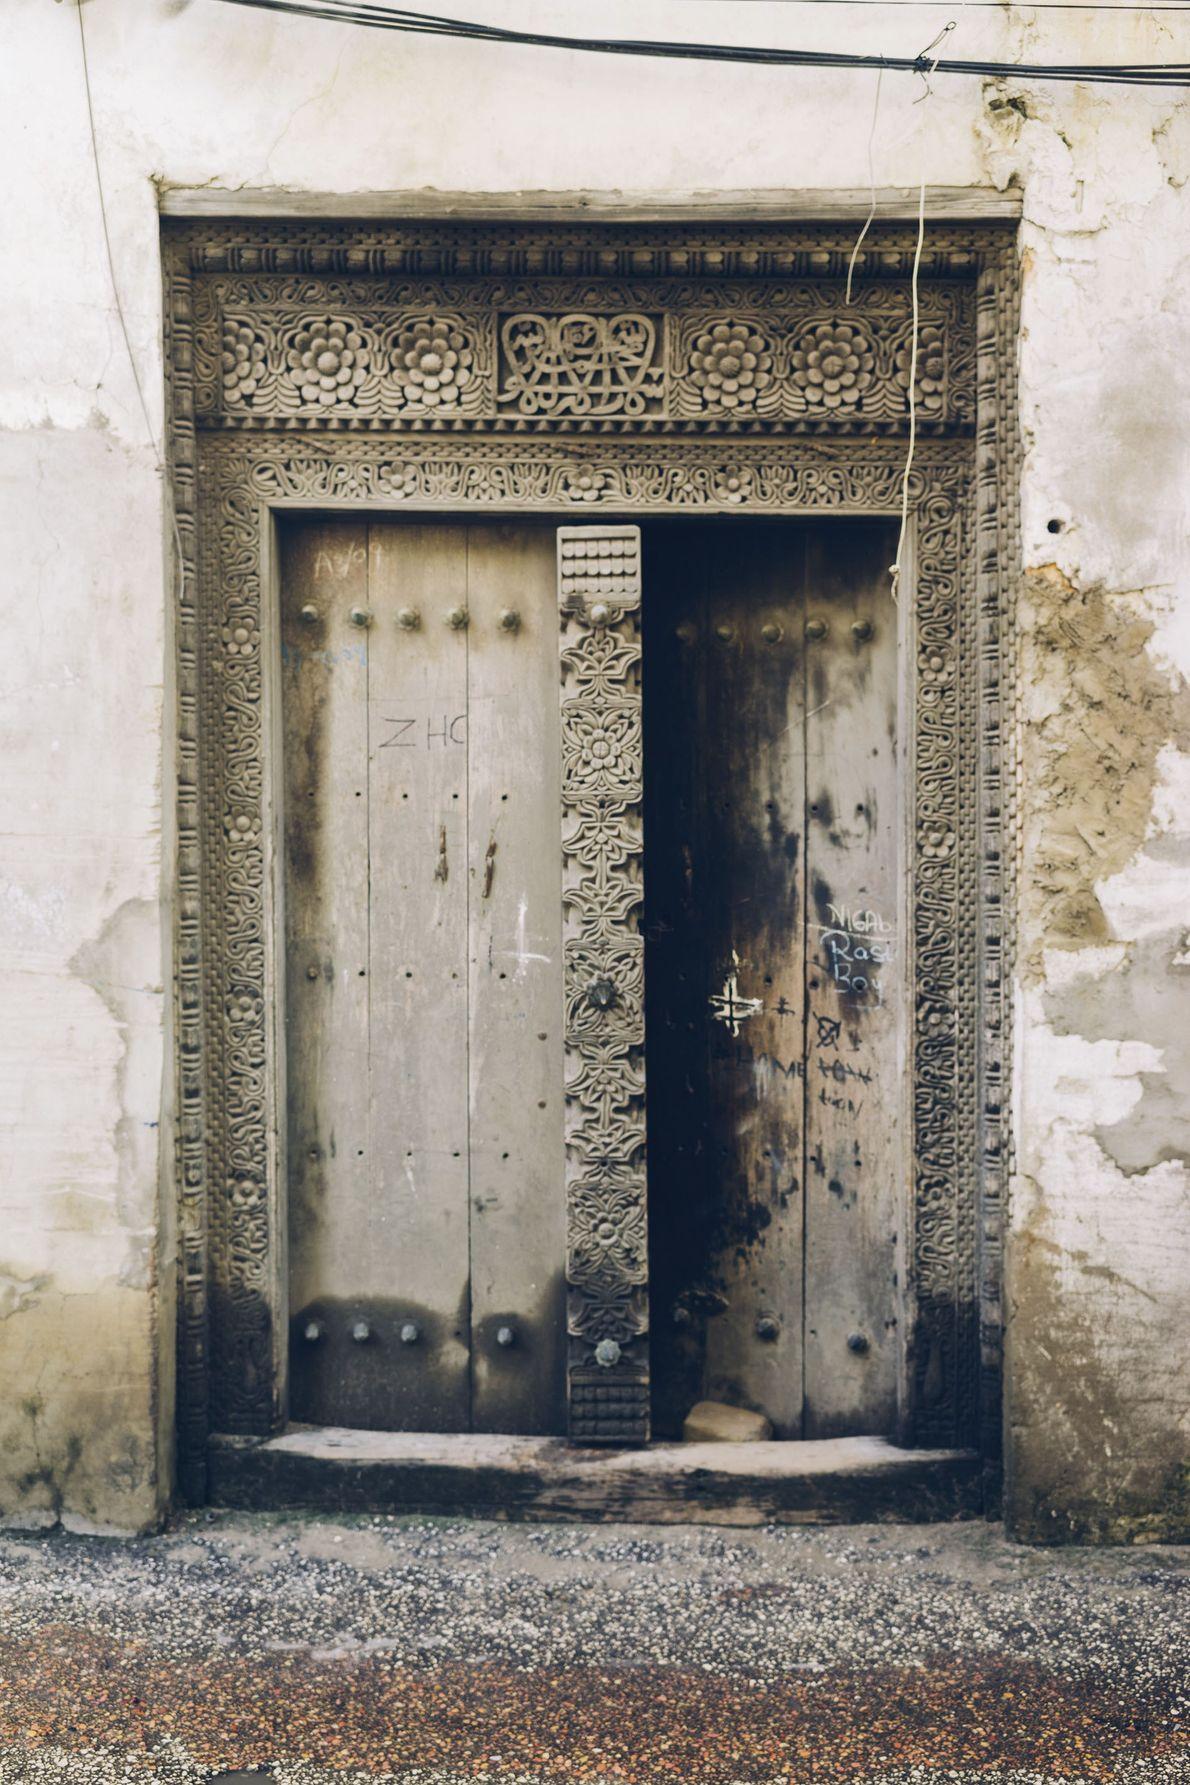 A semi-open door.